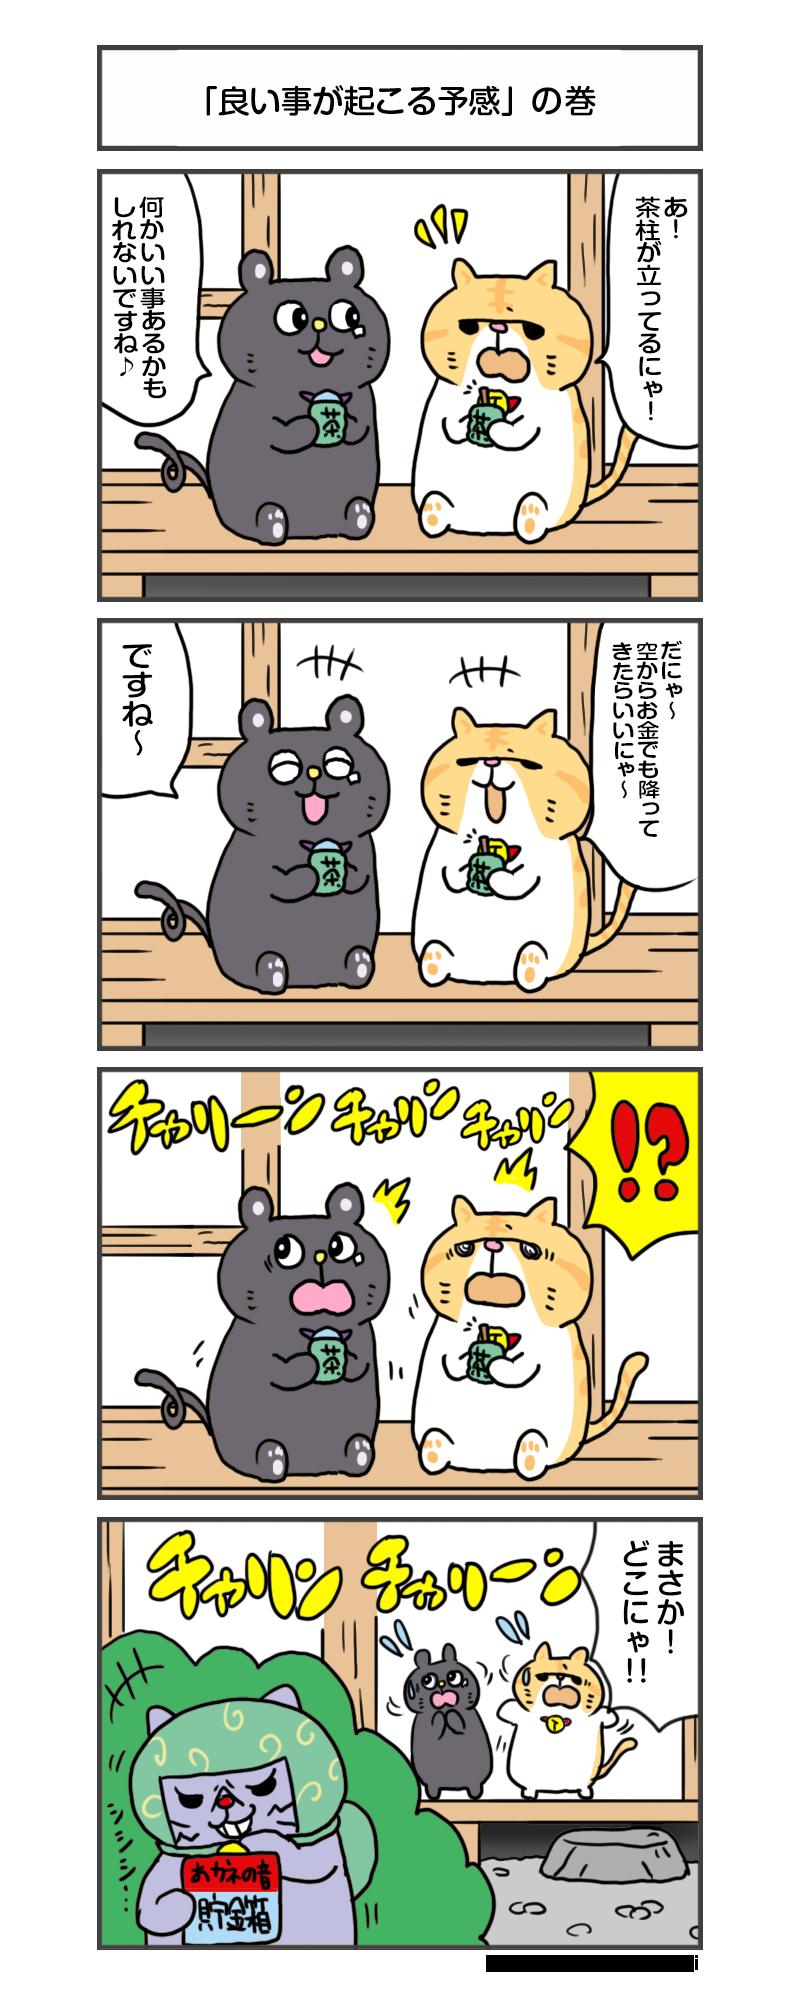 えきぞうmanga_vol.296